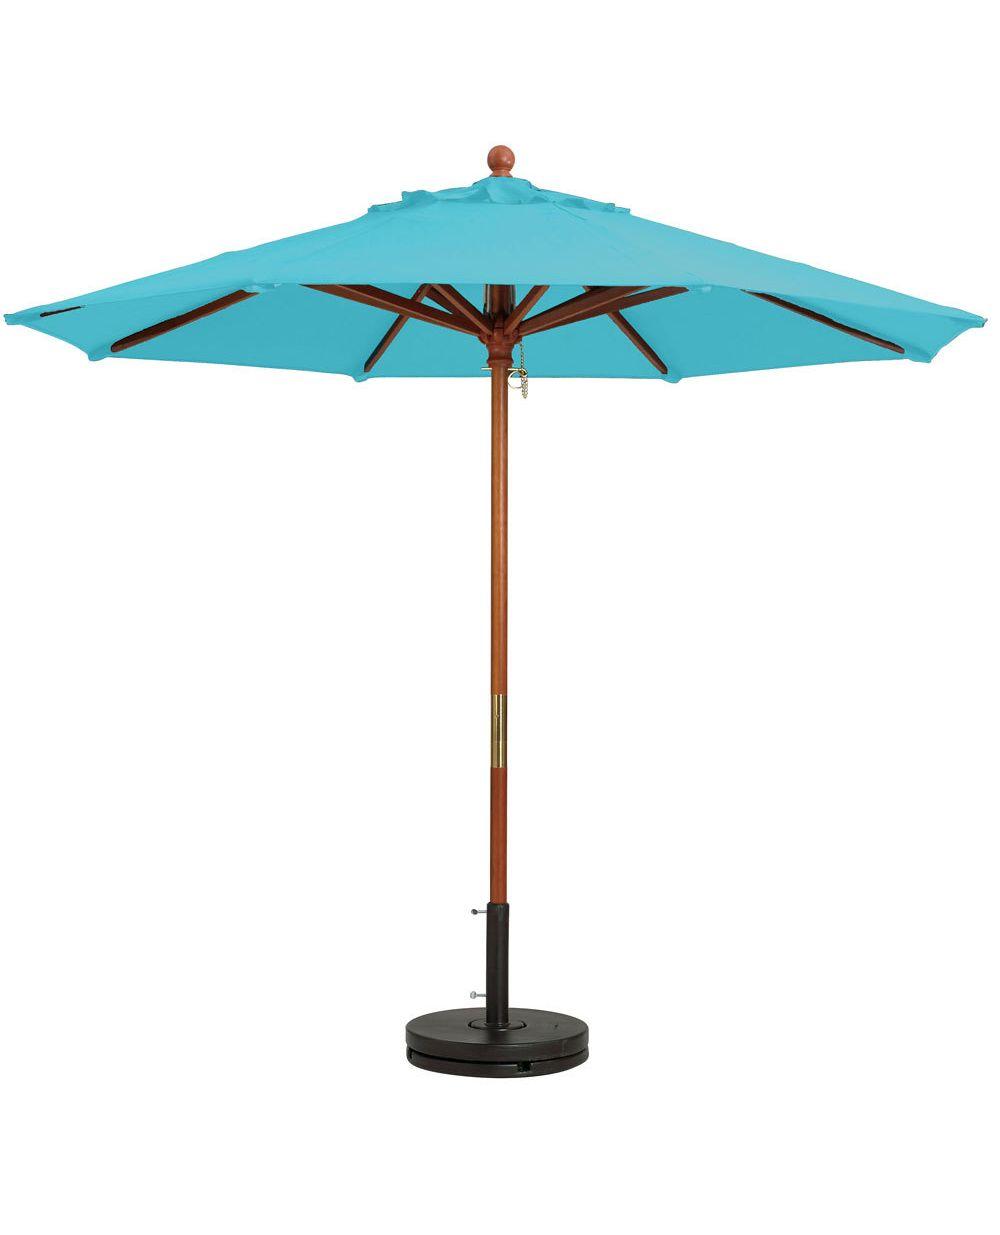 Grosfillex Wooden Market Umbrellas